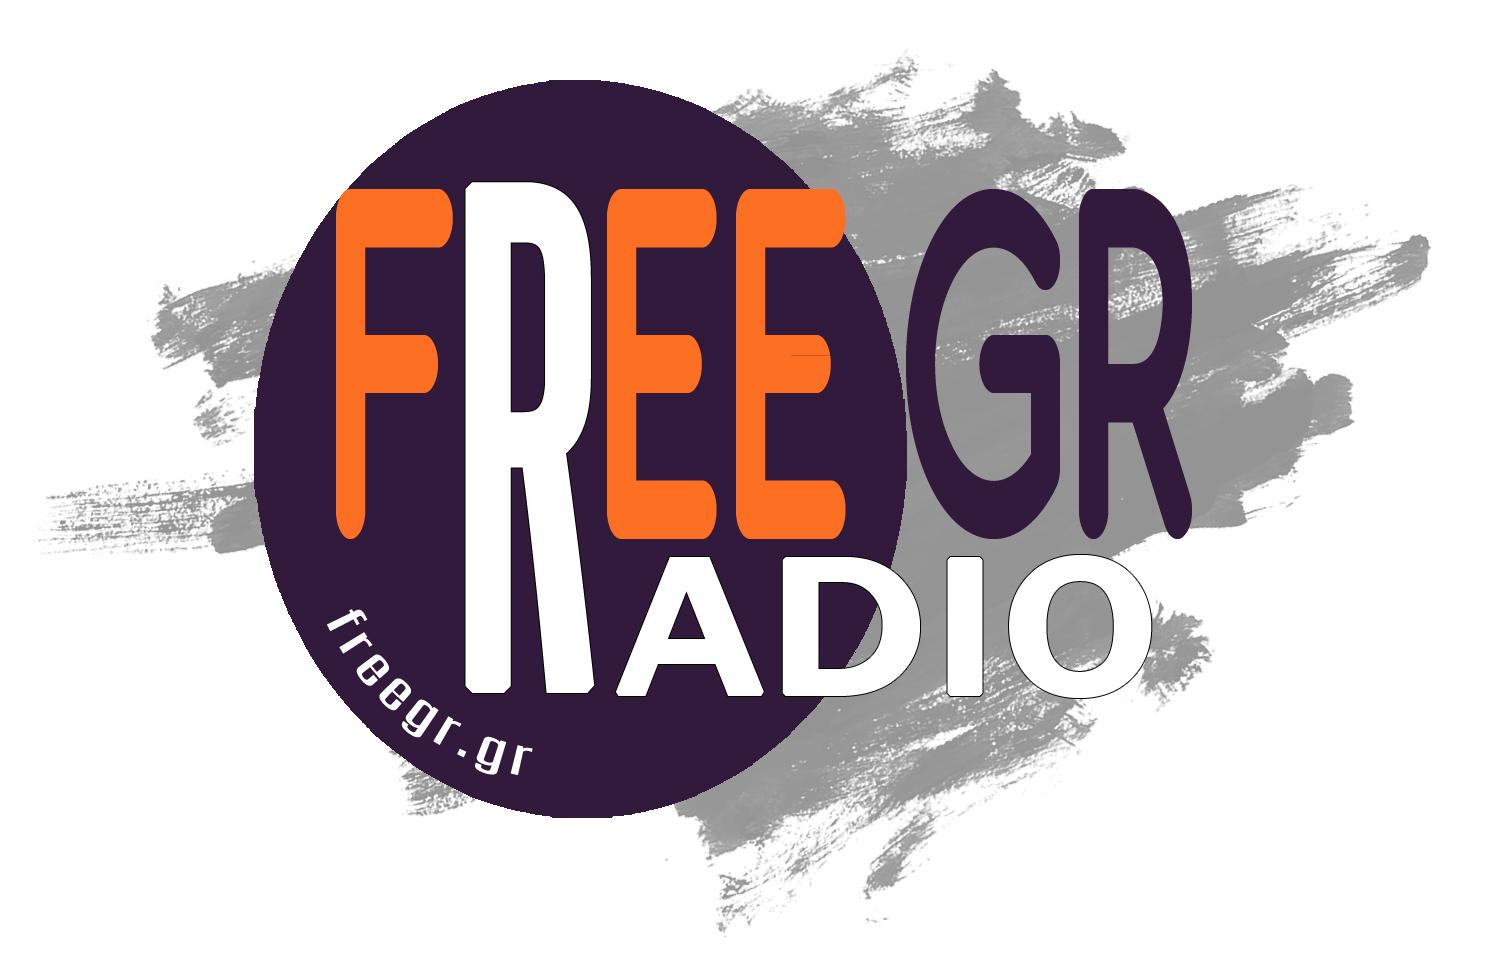 ΝΕΟ ΠΡΟΓΡΑΜΜΑ ΣΤΟΝ ΑΕΡΑ ΜΕ ΔΥΝΑΤΕΣ ΕΚΠΟΜΠΕΣ ΣΤΟ FREEGR RADIO-ΑΚΟΥΣΤΕ ΤΩΡΑ FreeGR2